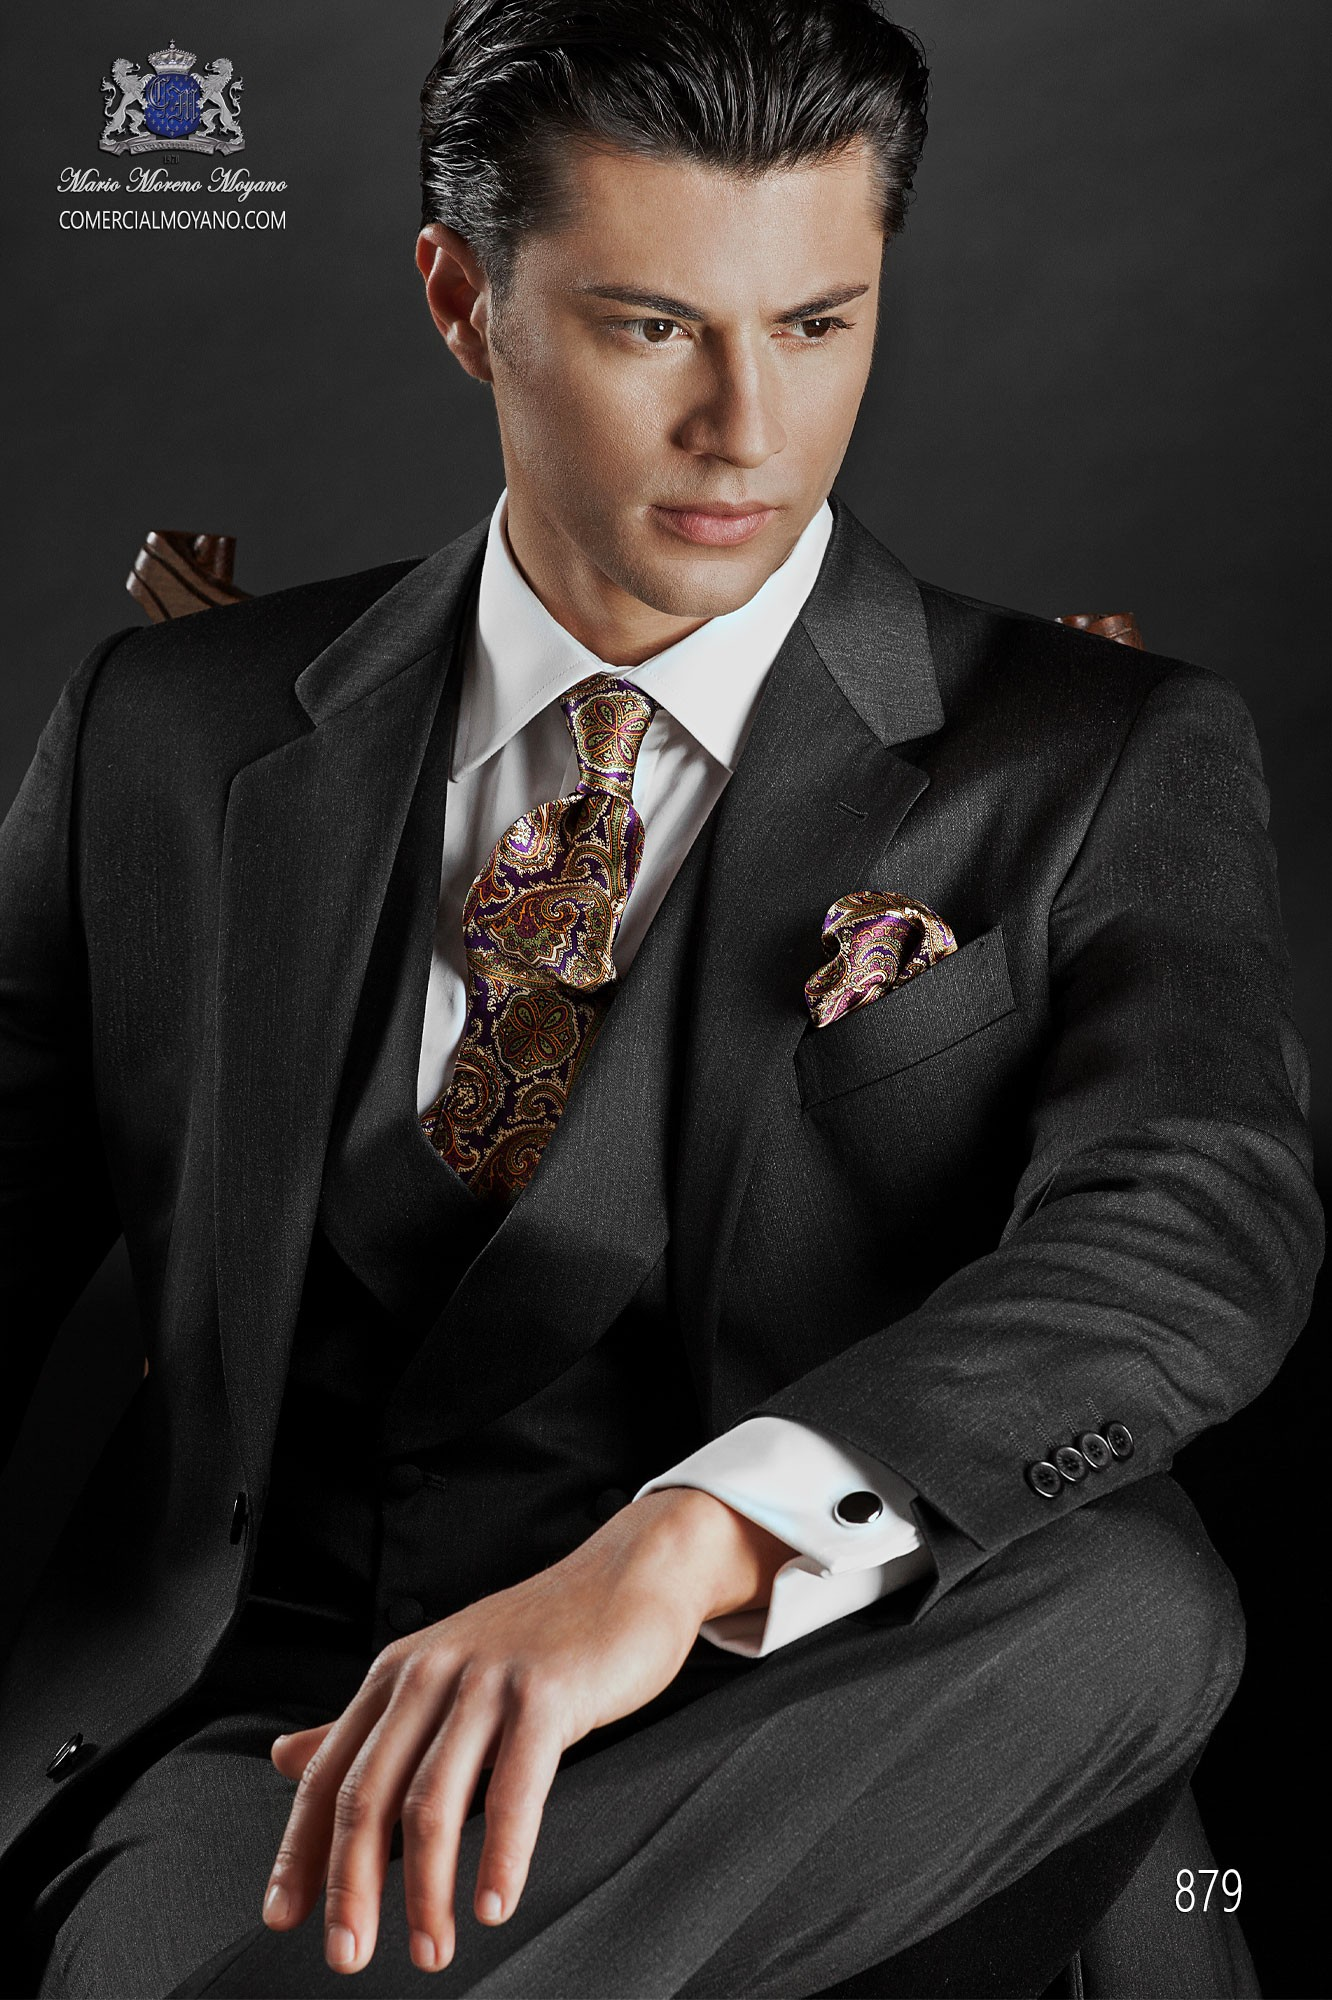 Traje Gentleman de novio gris modelo: 879 Ottavio Nuccio Gala colección Gentleman